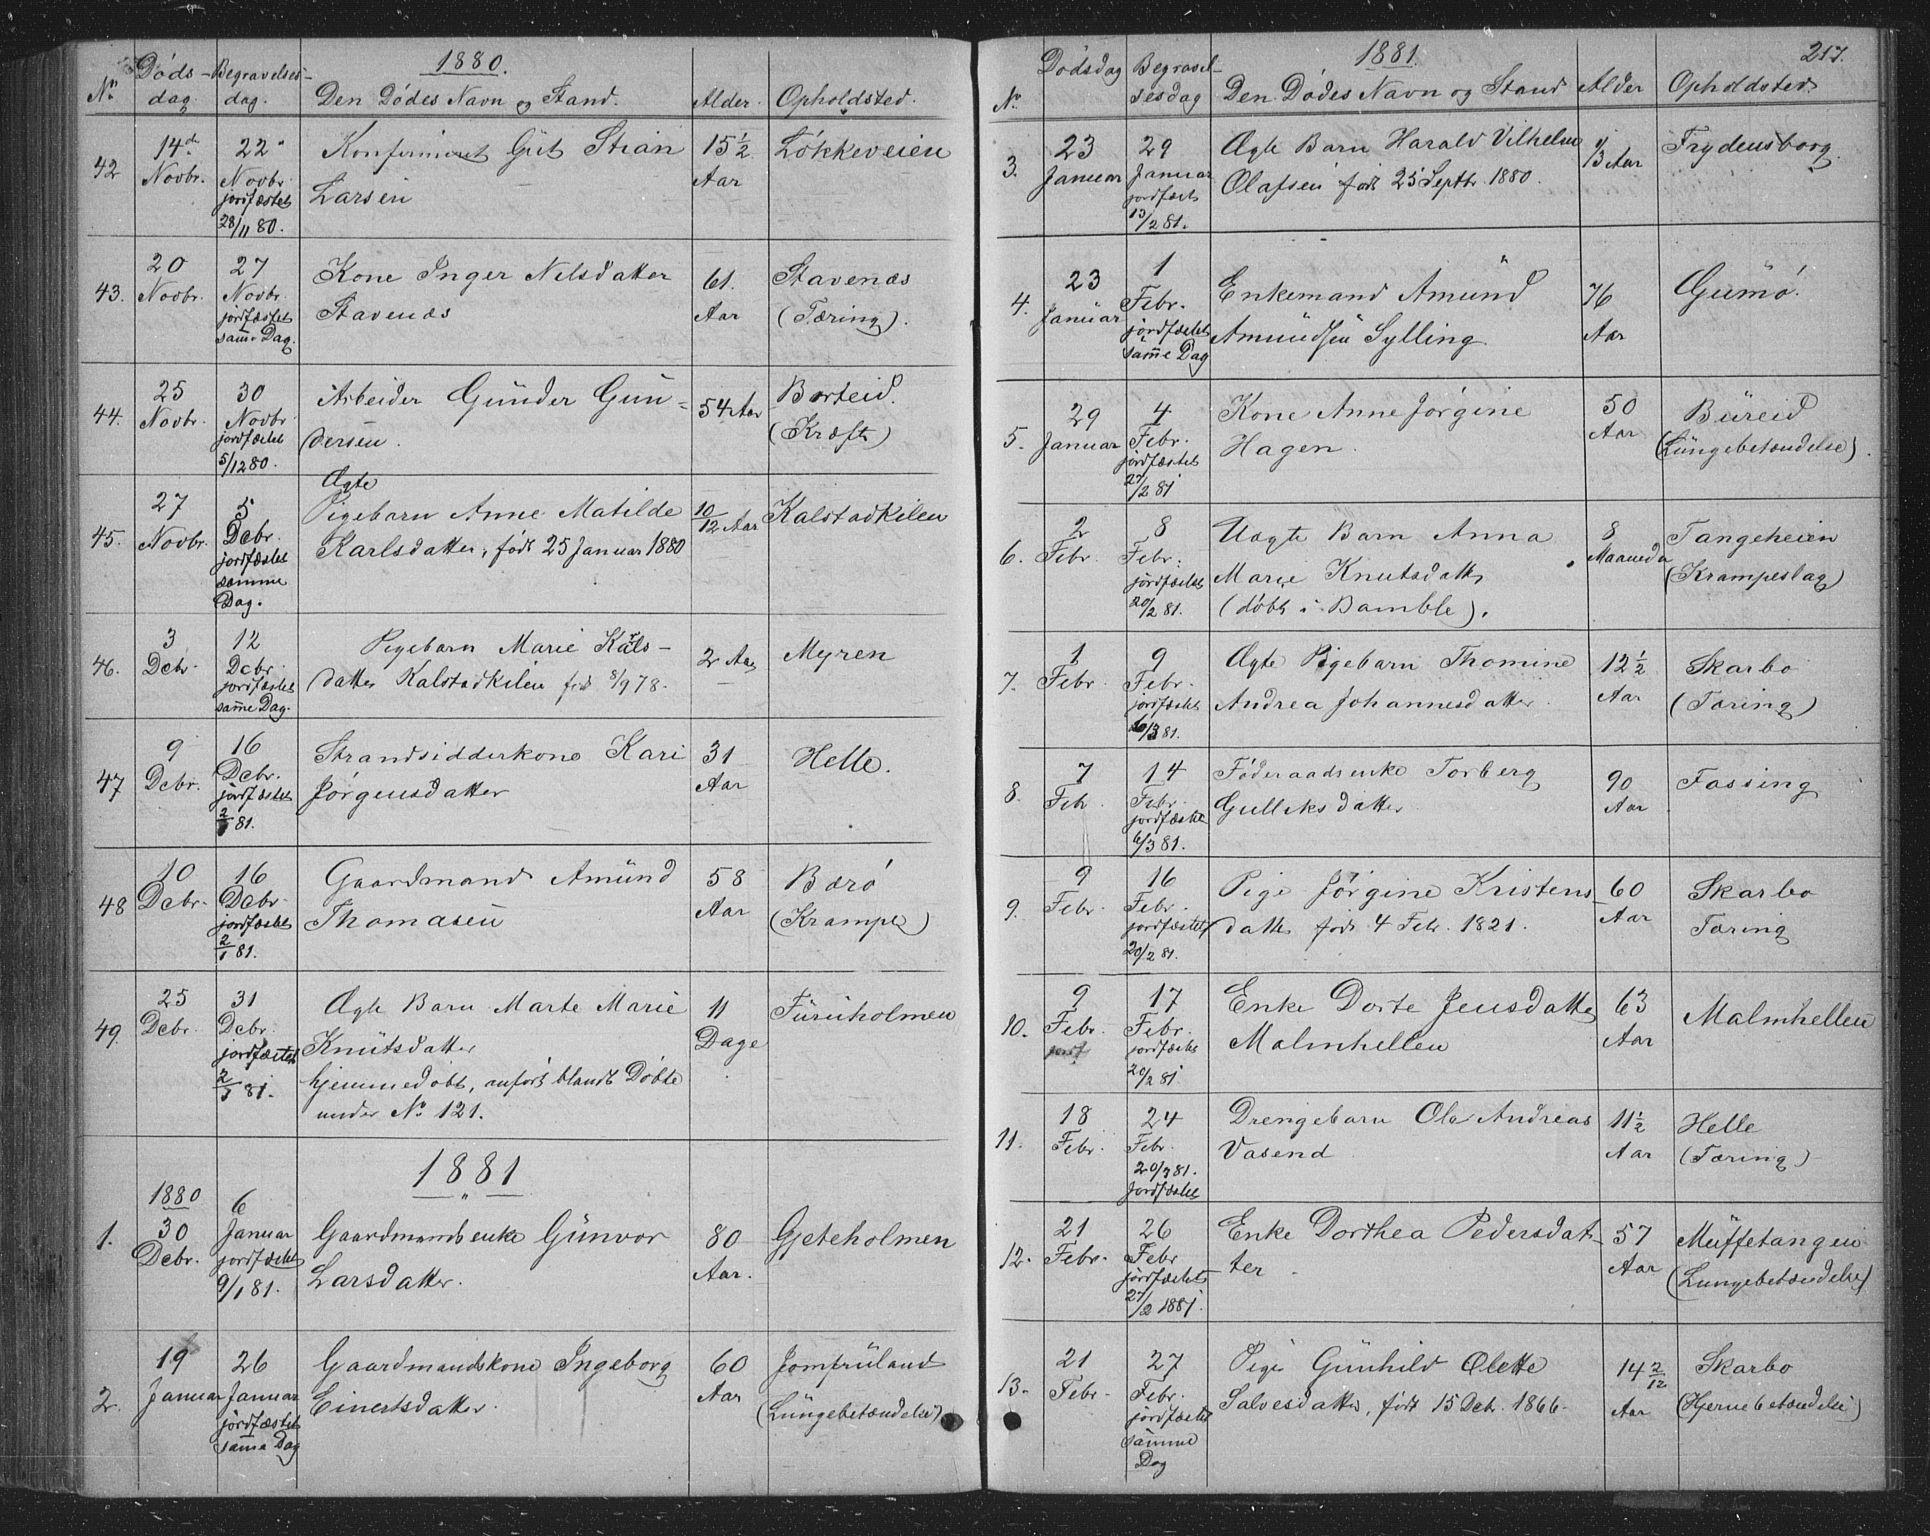 SAKO, Skåtøy kirkebøker, G/Ga/L0002: Klokkerbok nr. I 2, 1872-1884, s. 217